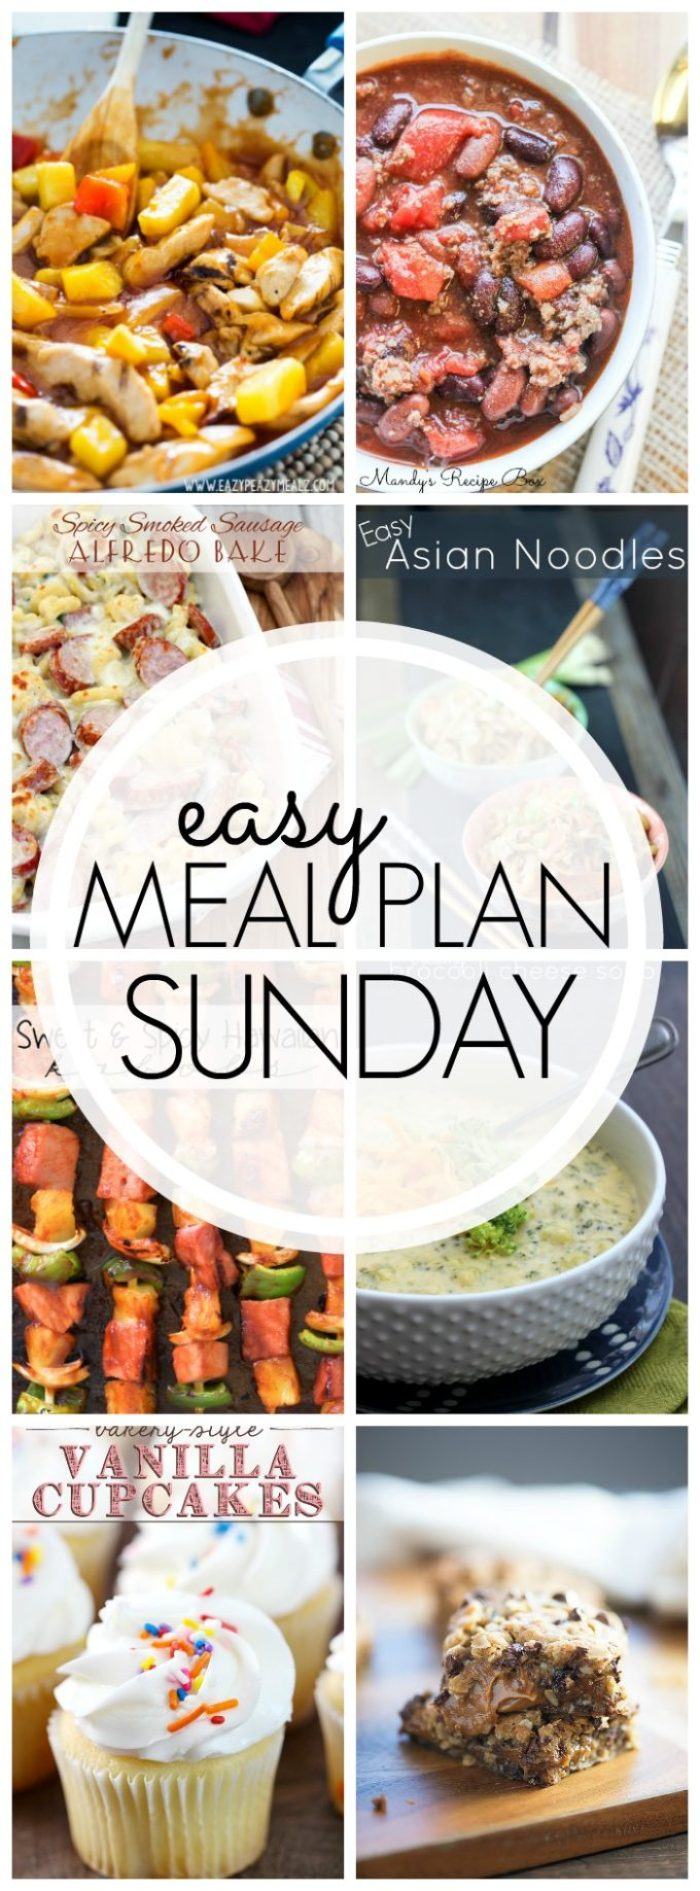 Meal plan, menu plan, menu planning, meal planning, recipes